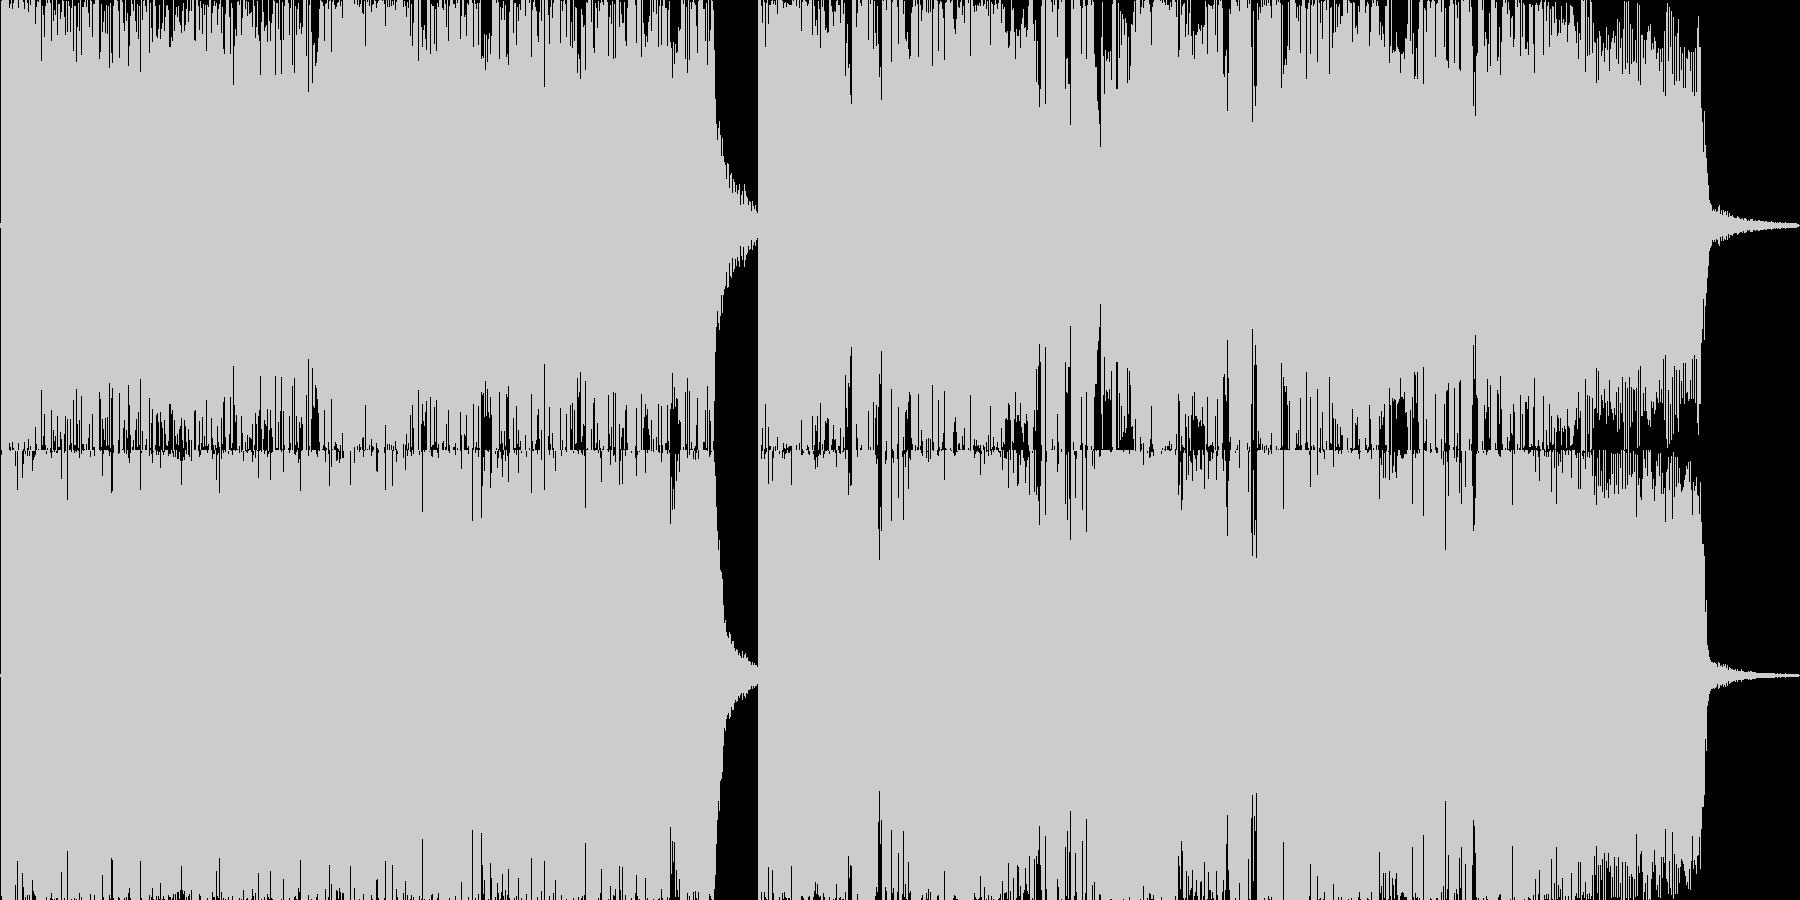 メタルジングルSE!登場やオープニングにの未再生の波形